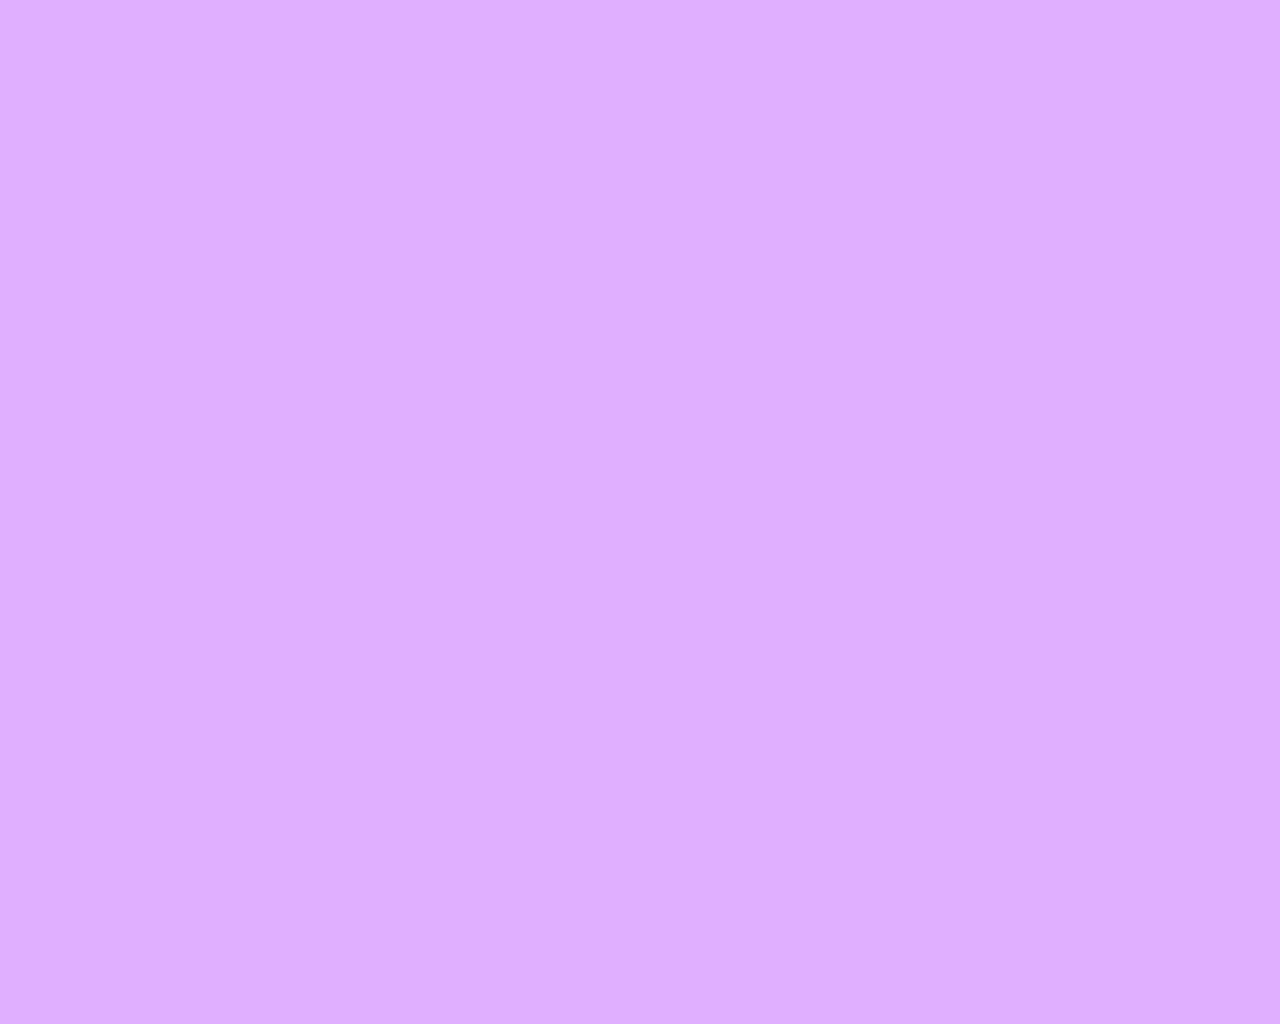 1280x1024 Mauve Solid Color Background